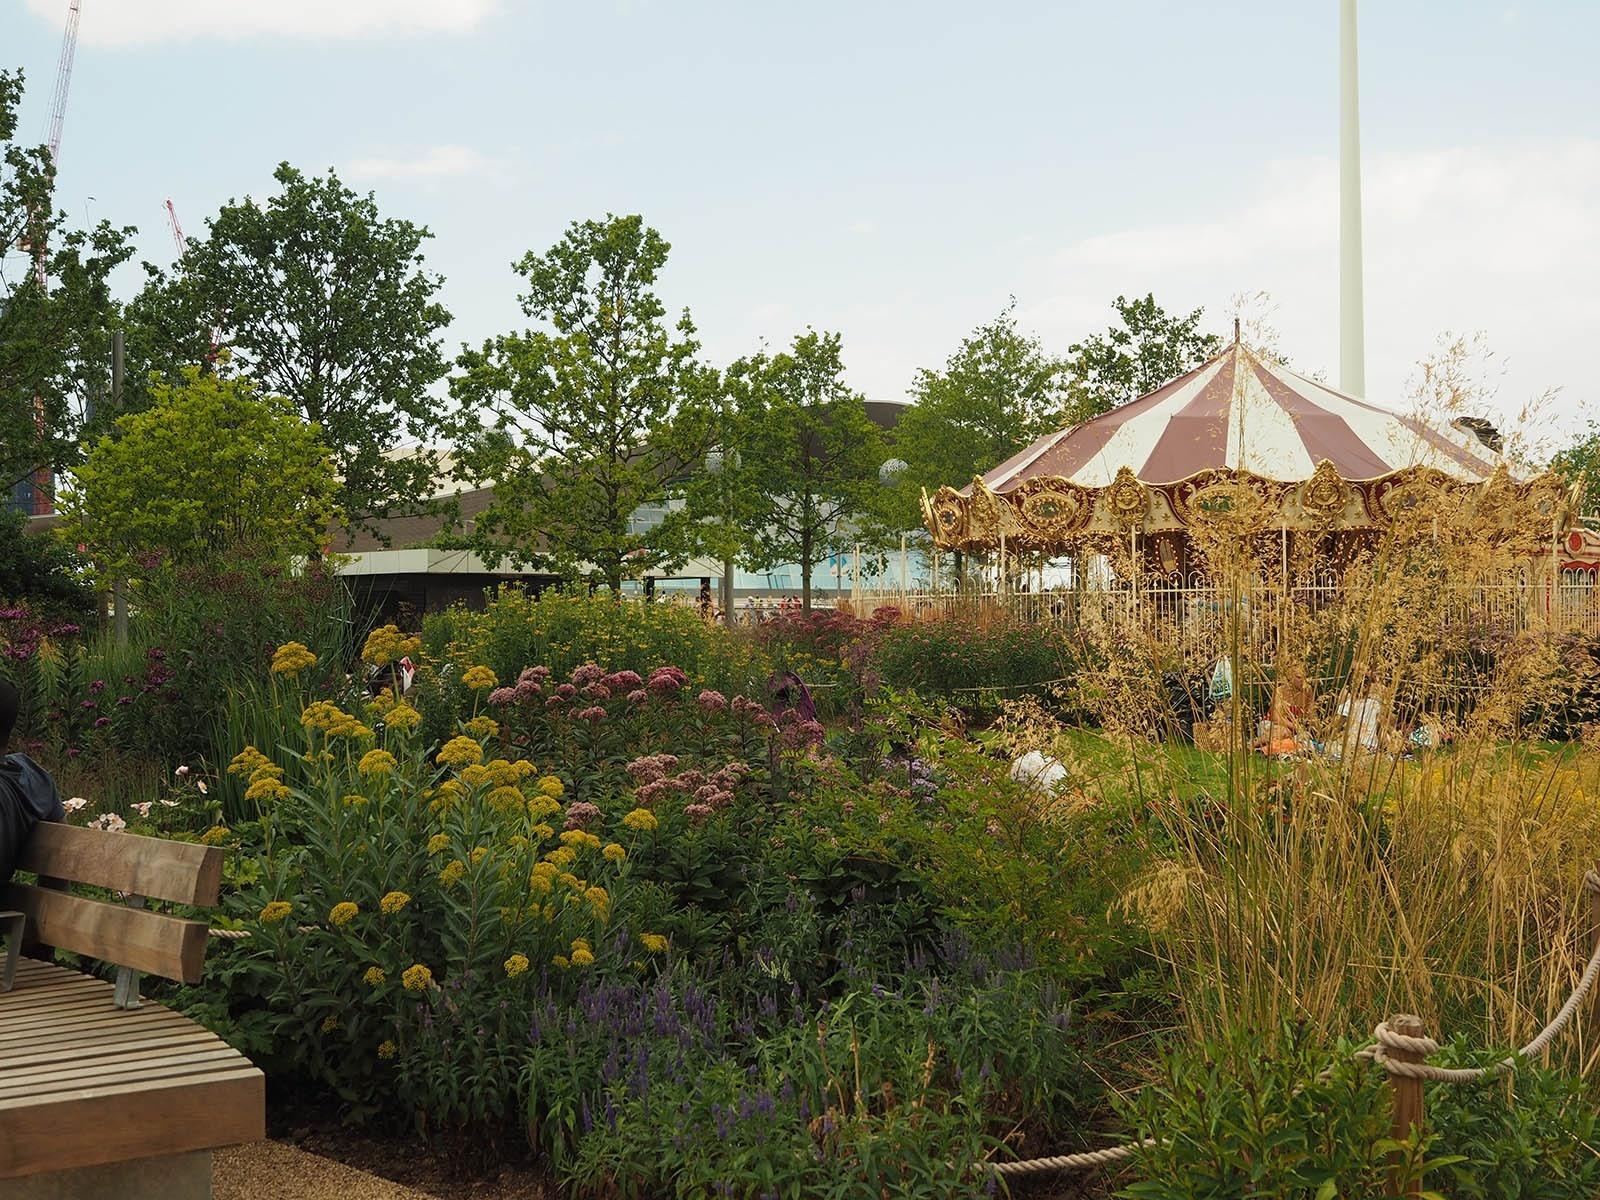 庭と植物講座「草本植物を生かした公共空間~海外事例に見る植物の役割~」